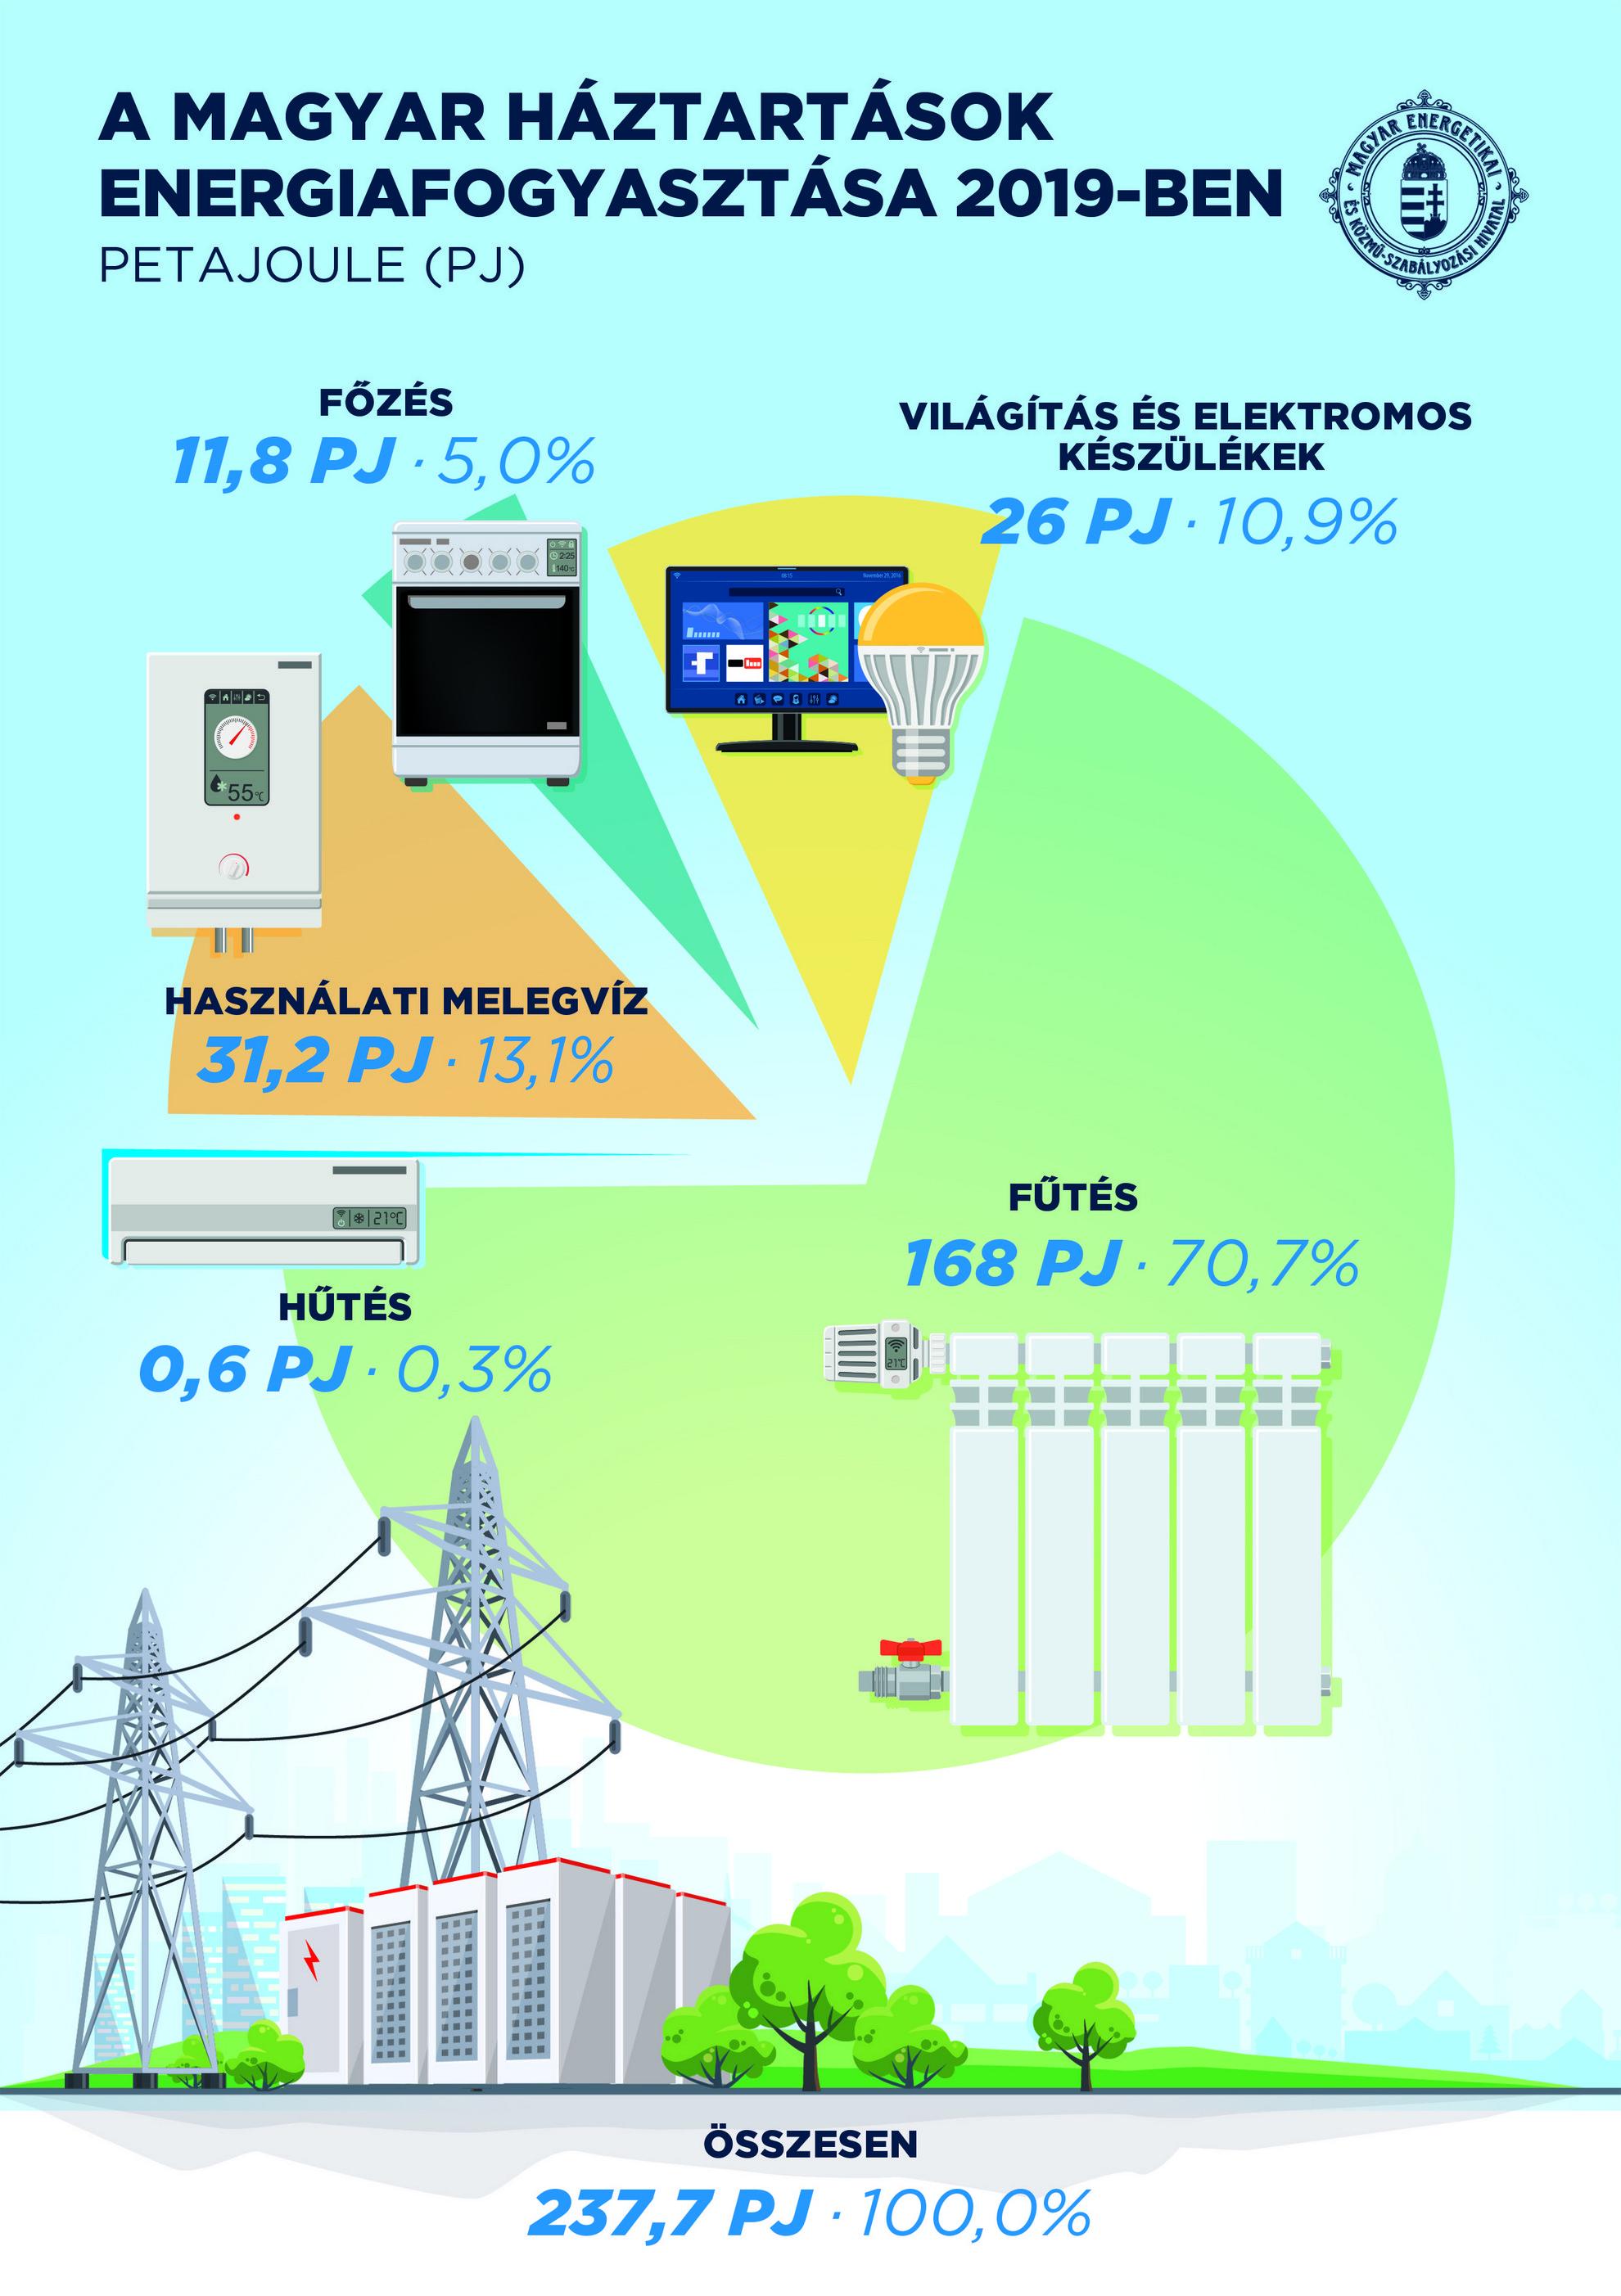 A magyar háztartások energiafogyasztása 2019-ben